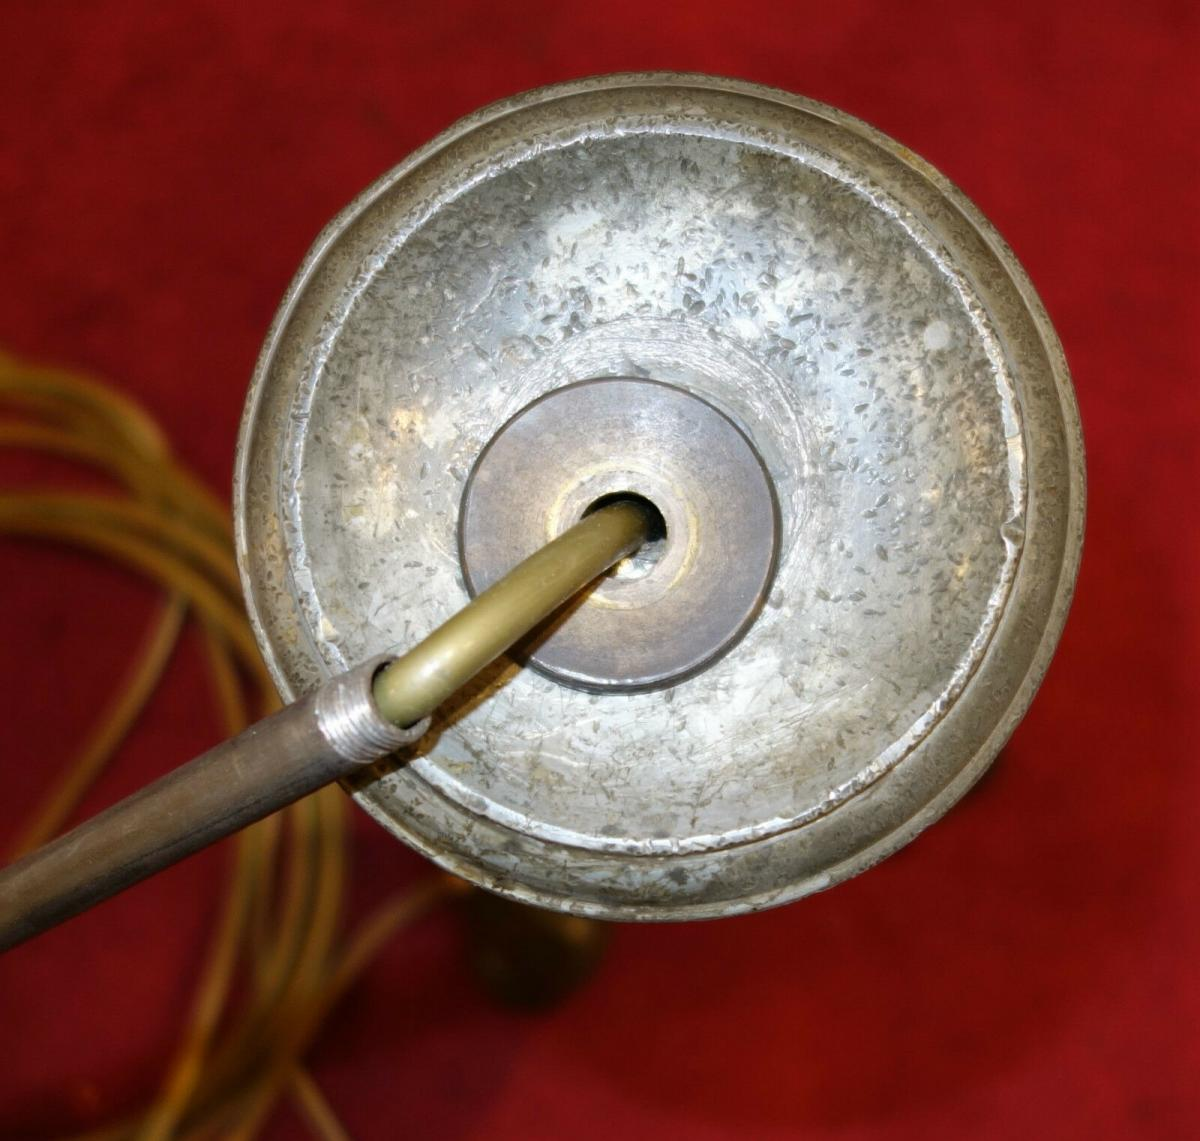 Stehlampe,Barockstil ,Zinn,aus altem Zinnkerzenleuchter gefertigt 3